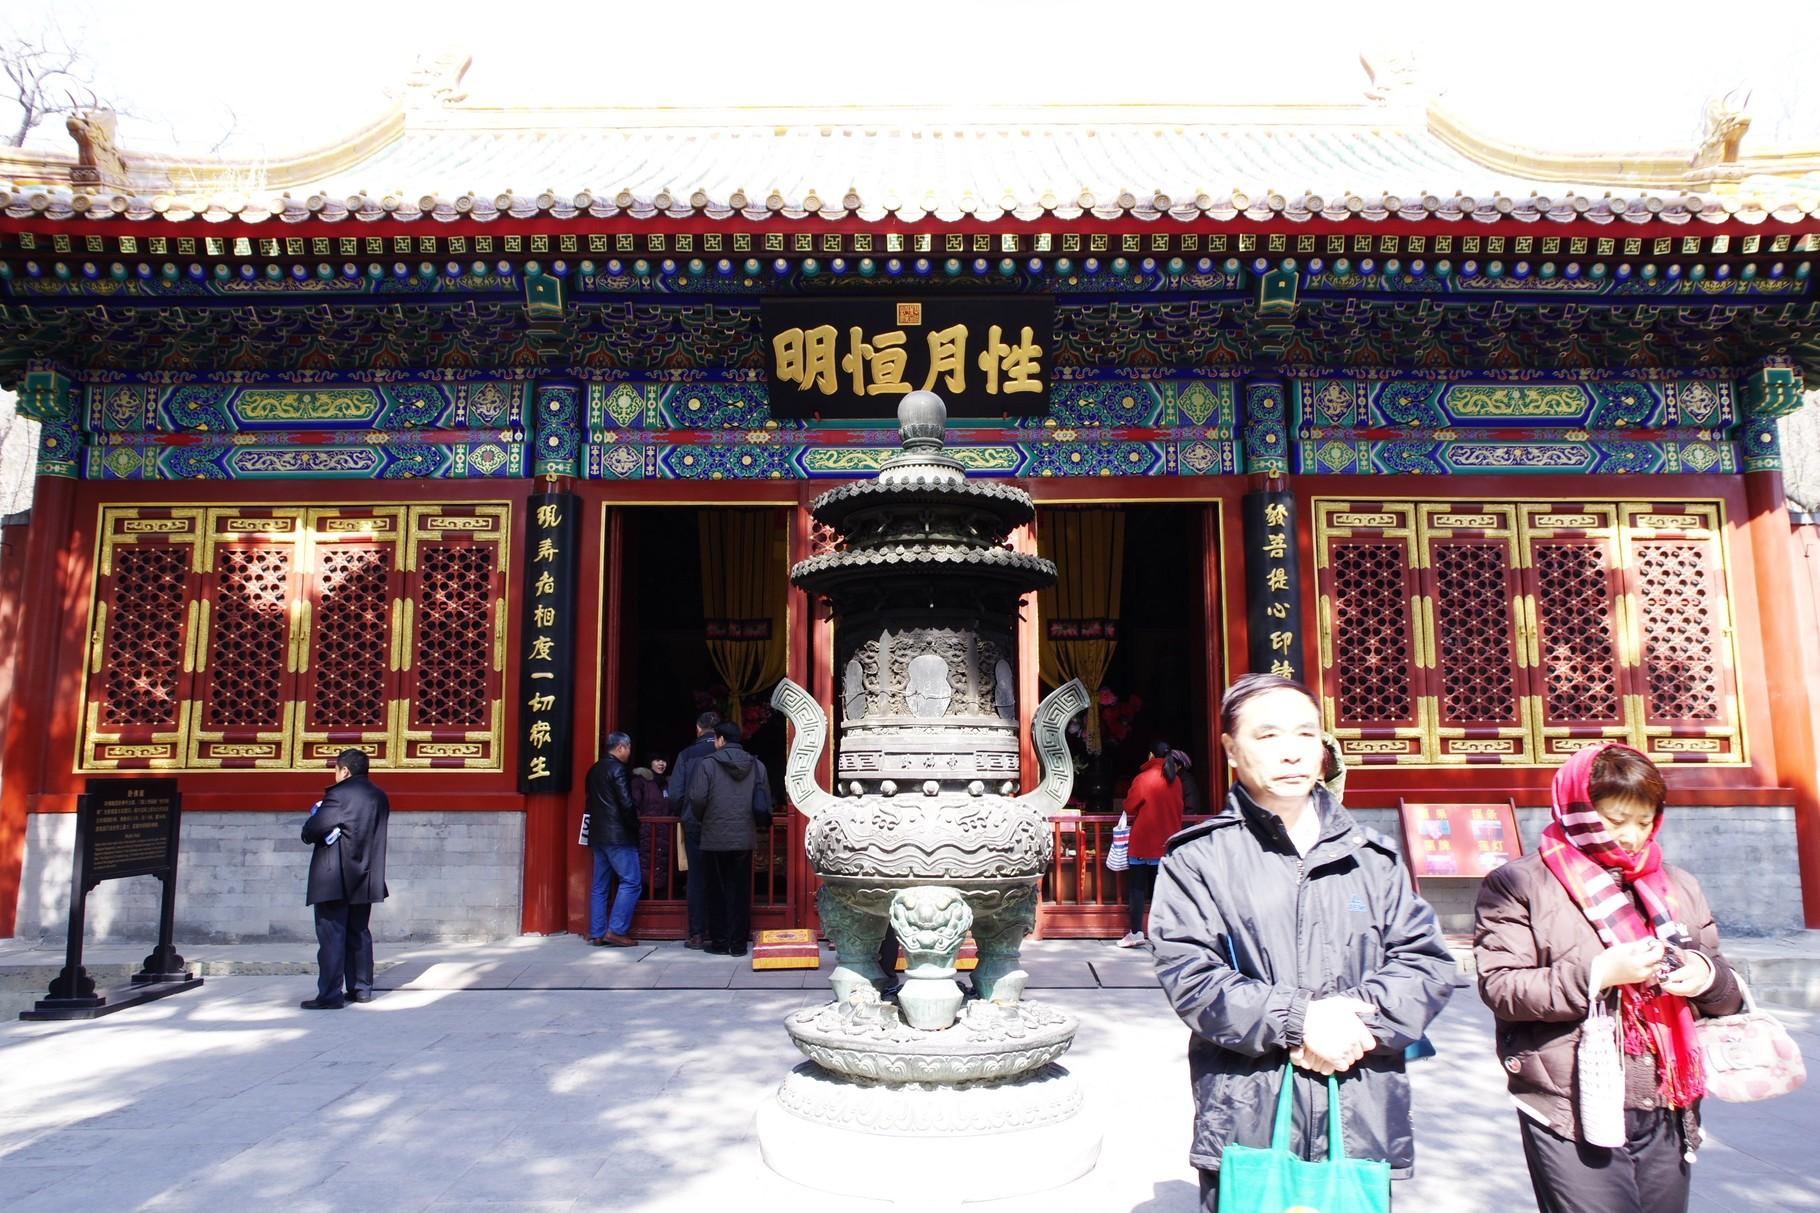 第三の主殿 臥仏堂 5.2mの釈迦涅槃像